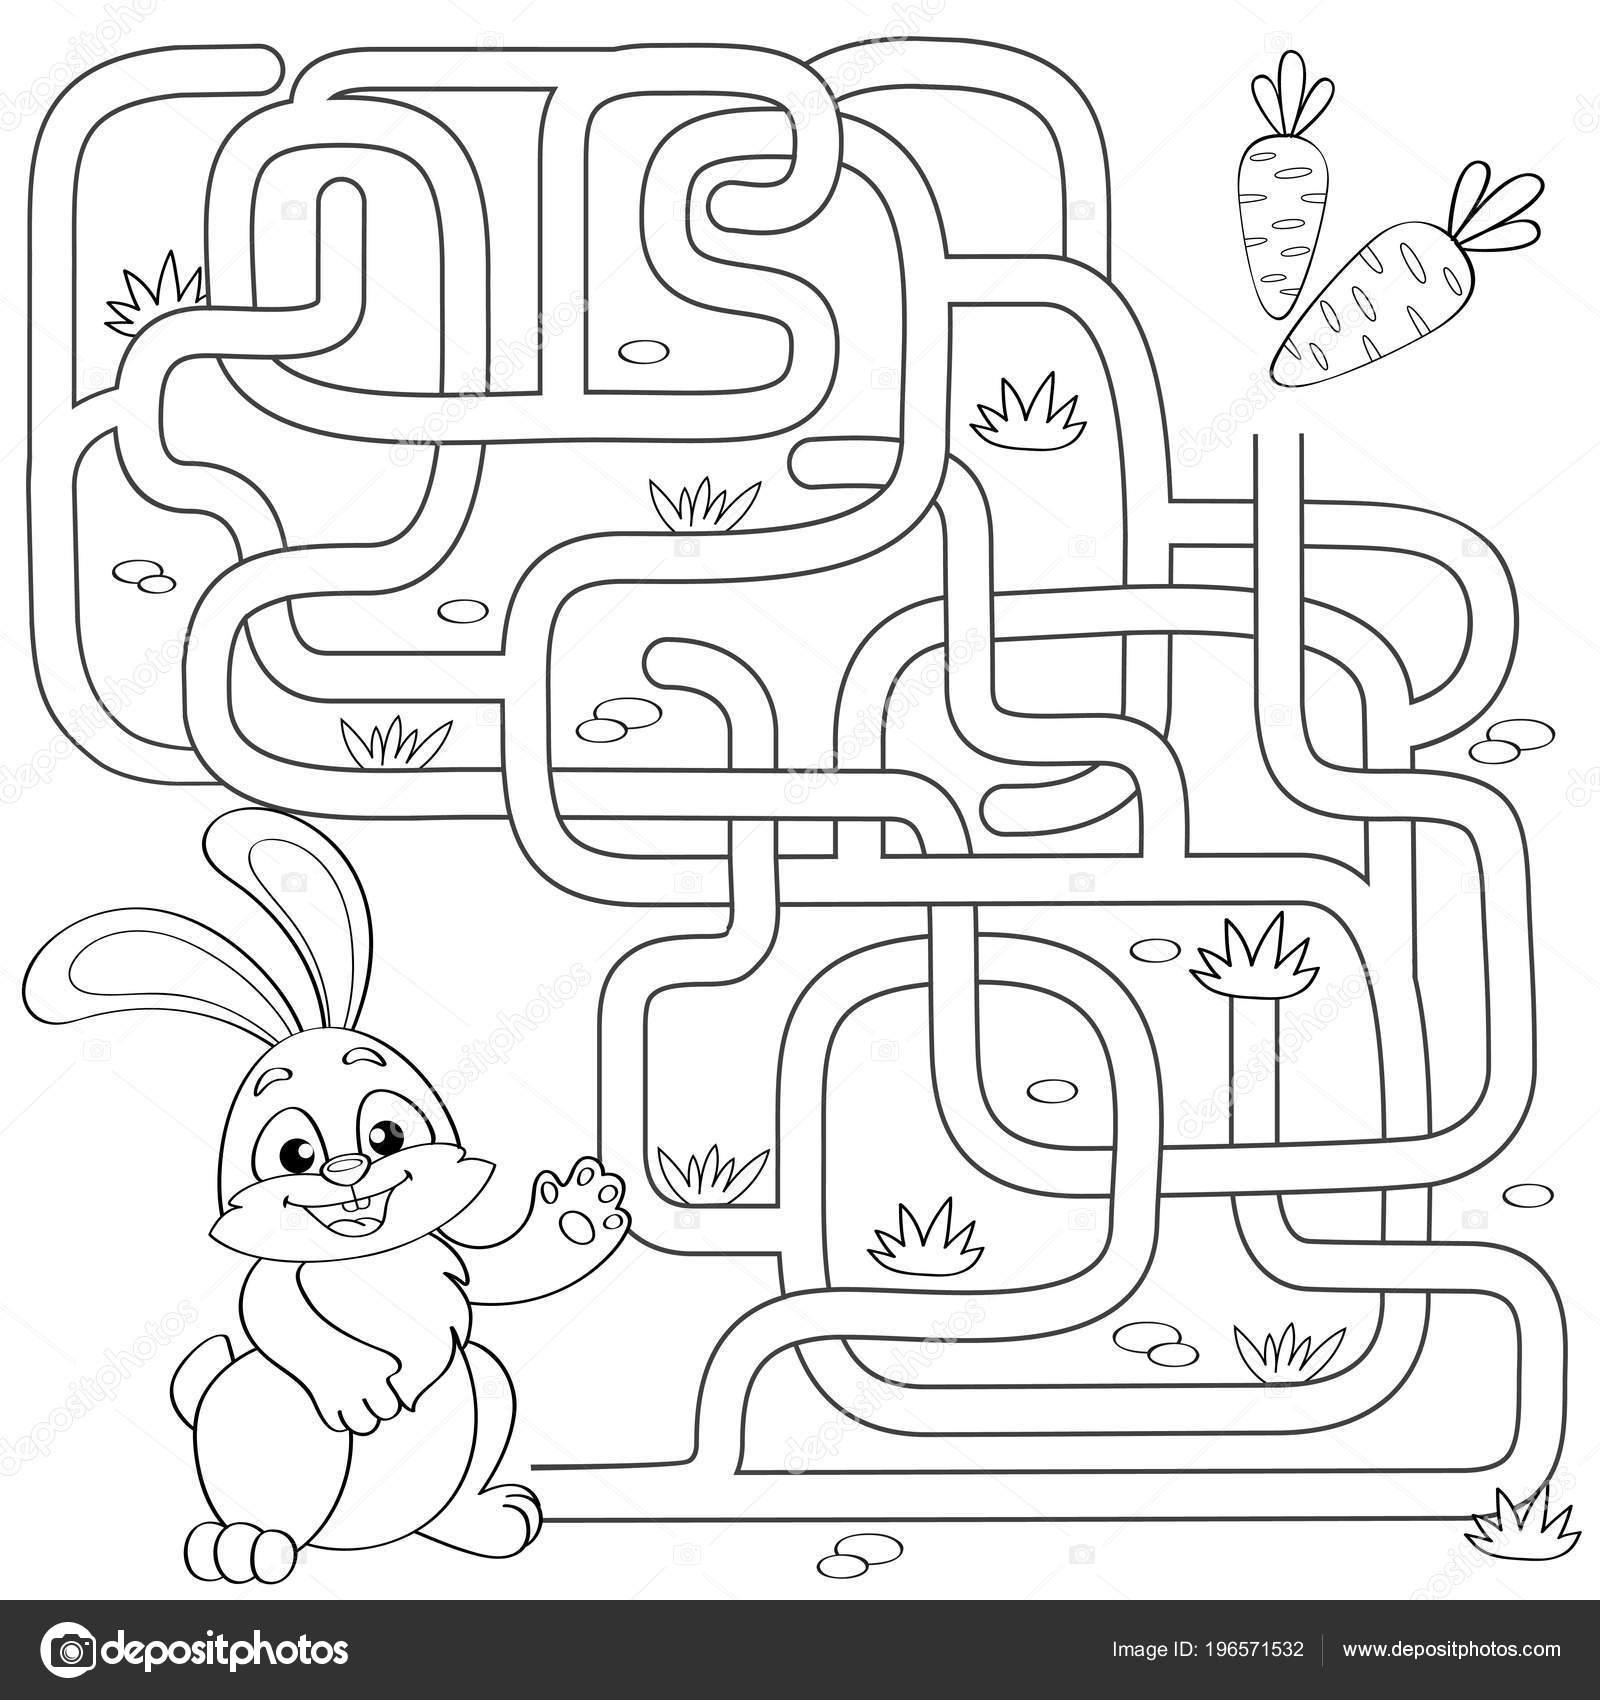 Küçük Tavşan Havuç Yolu Bulun Yardımcı Olur Labirent Maze